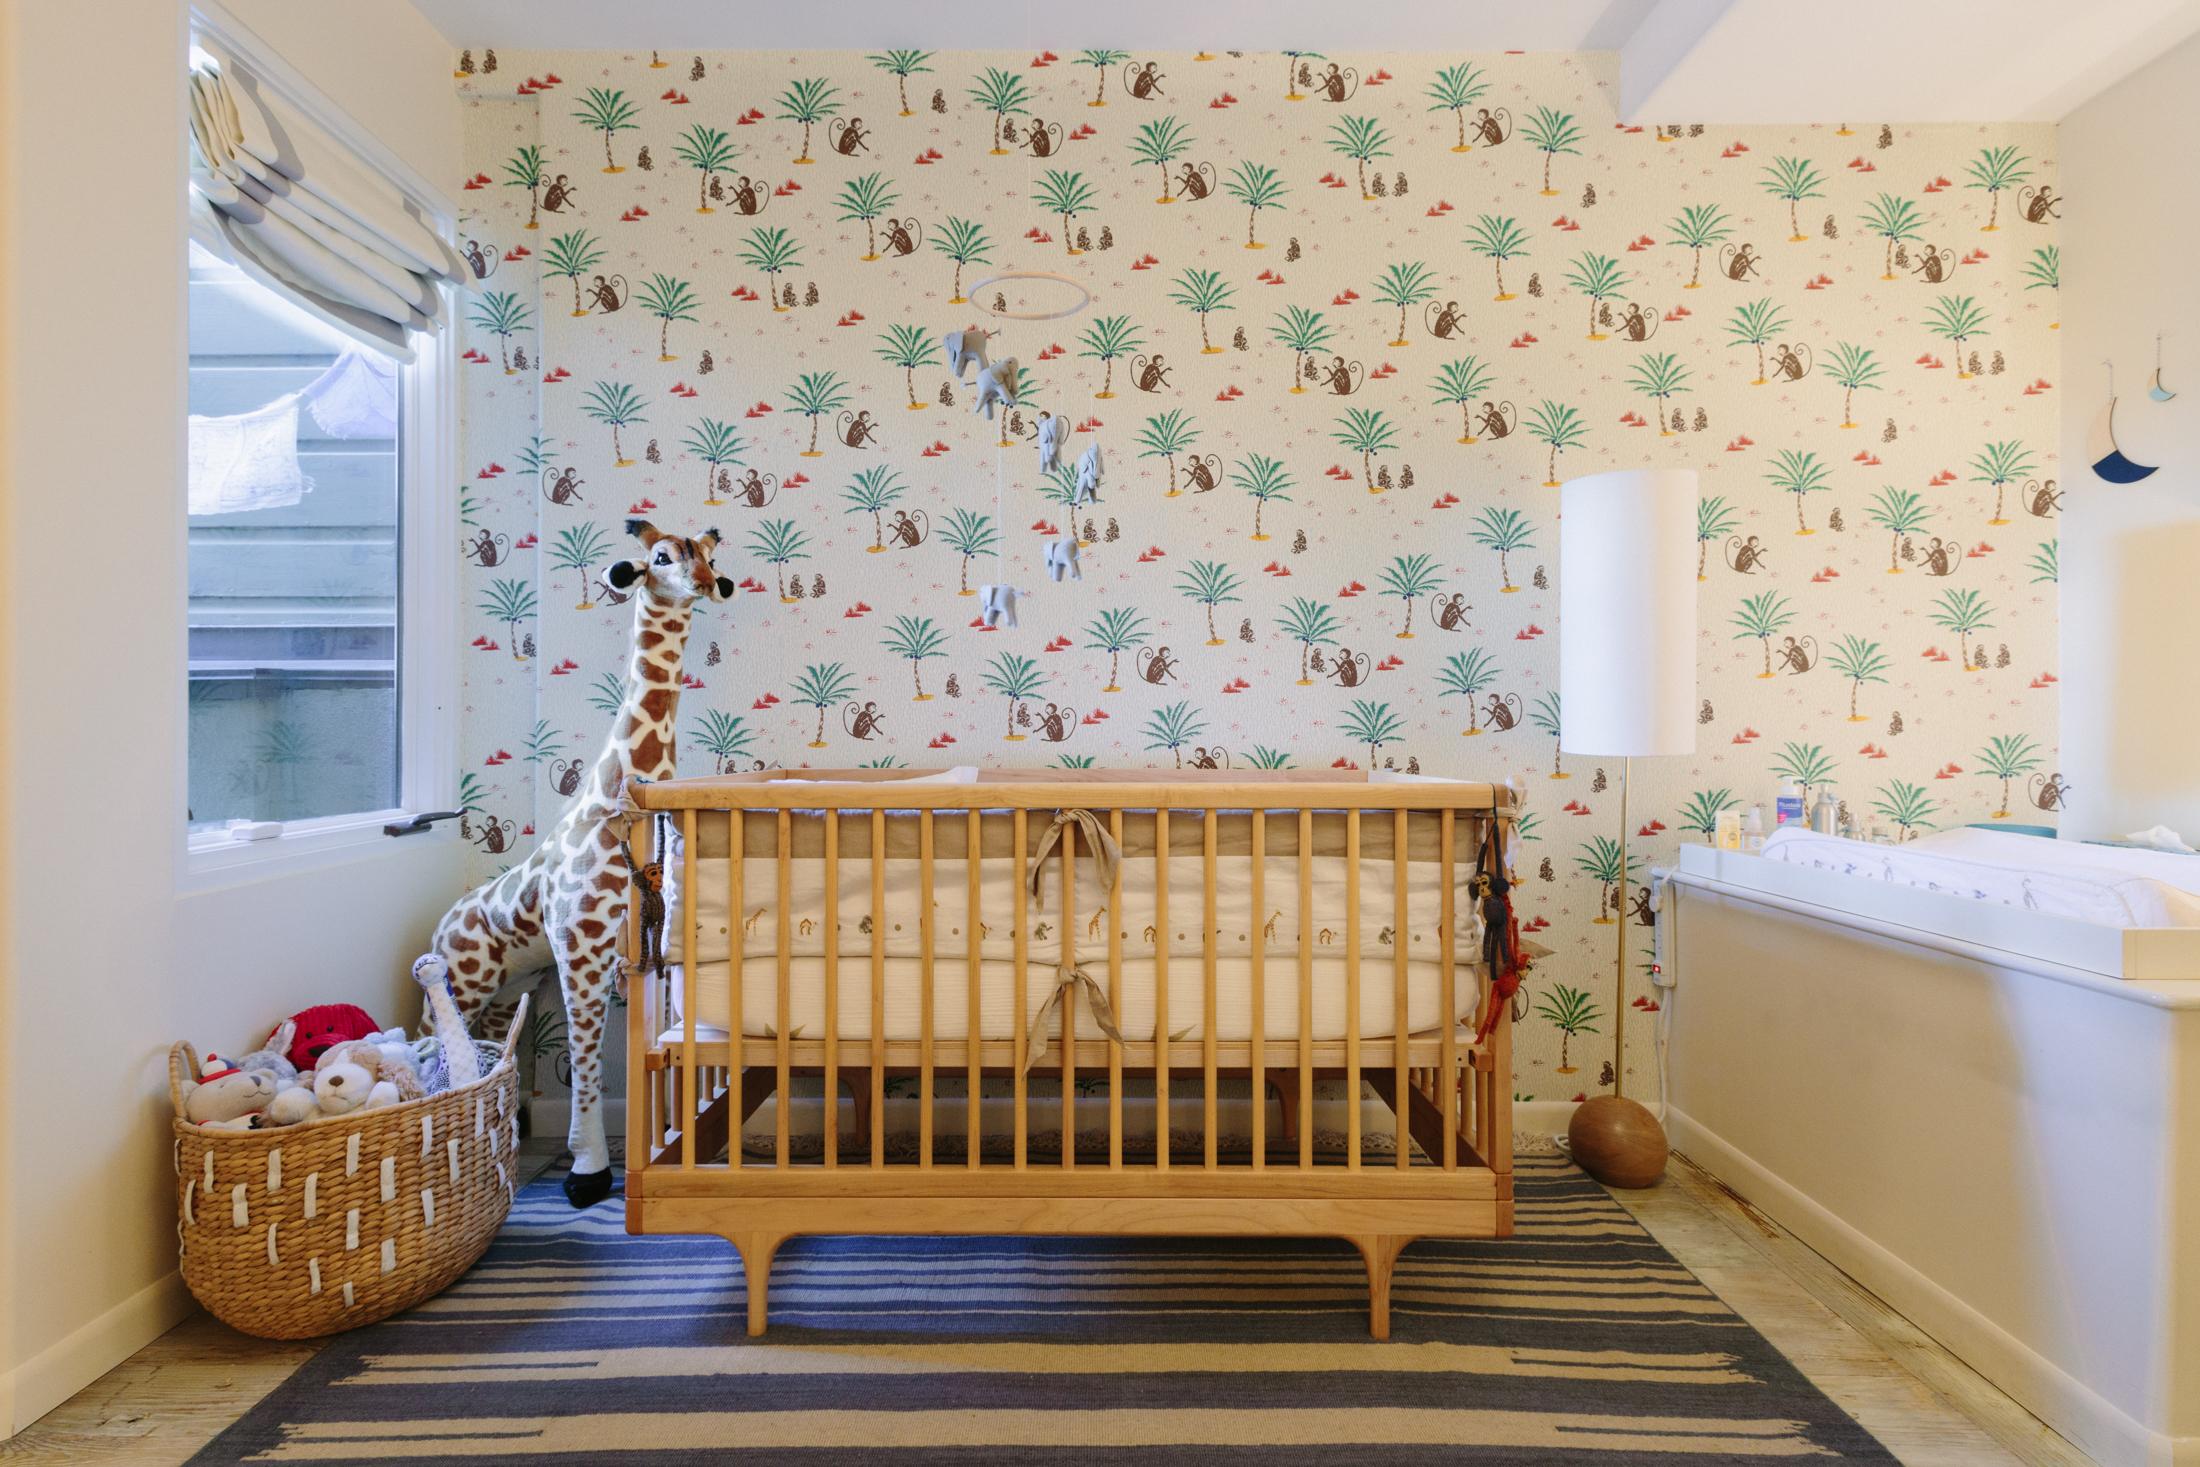 Benni_nursery-13.jpg